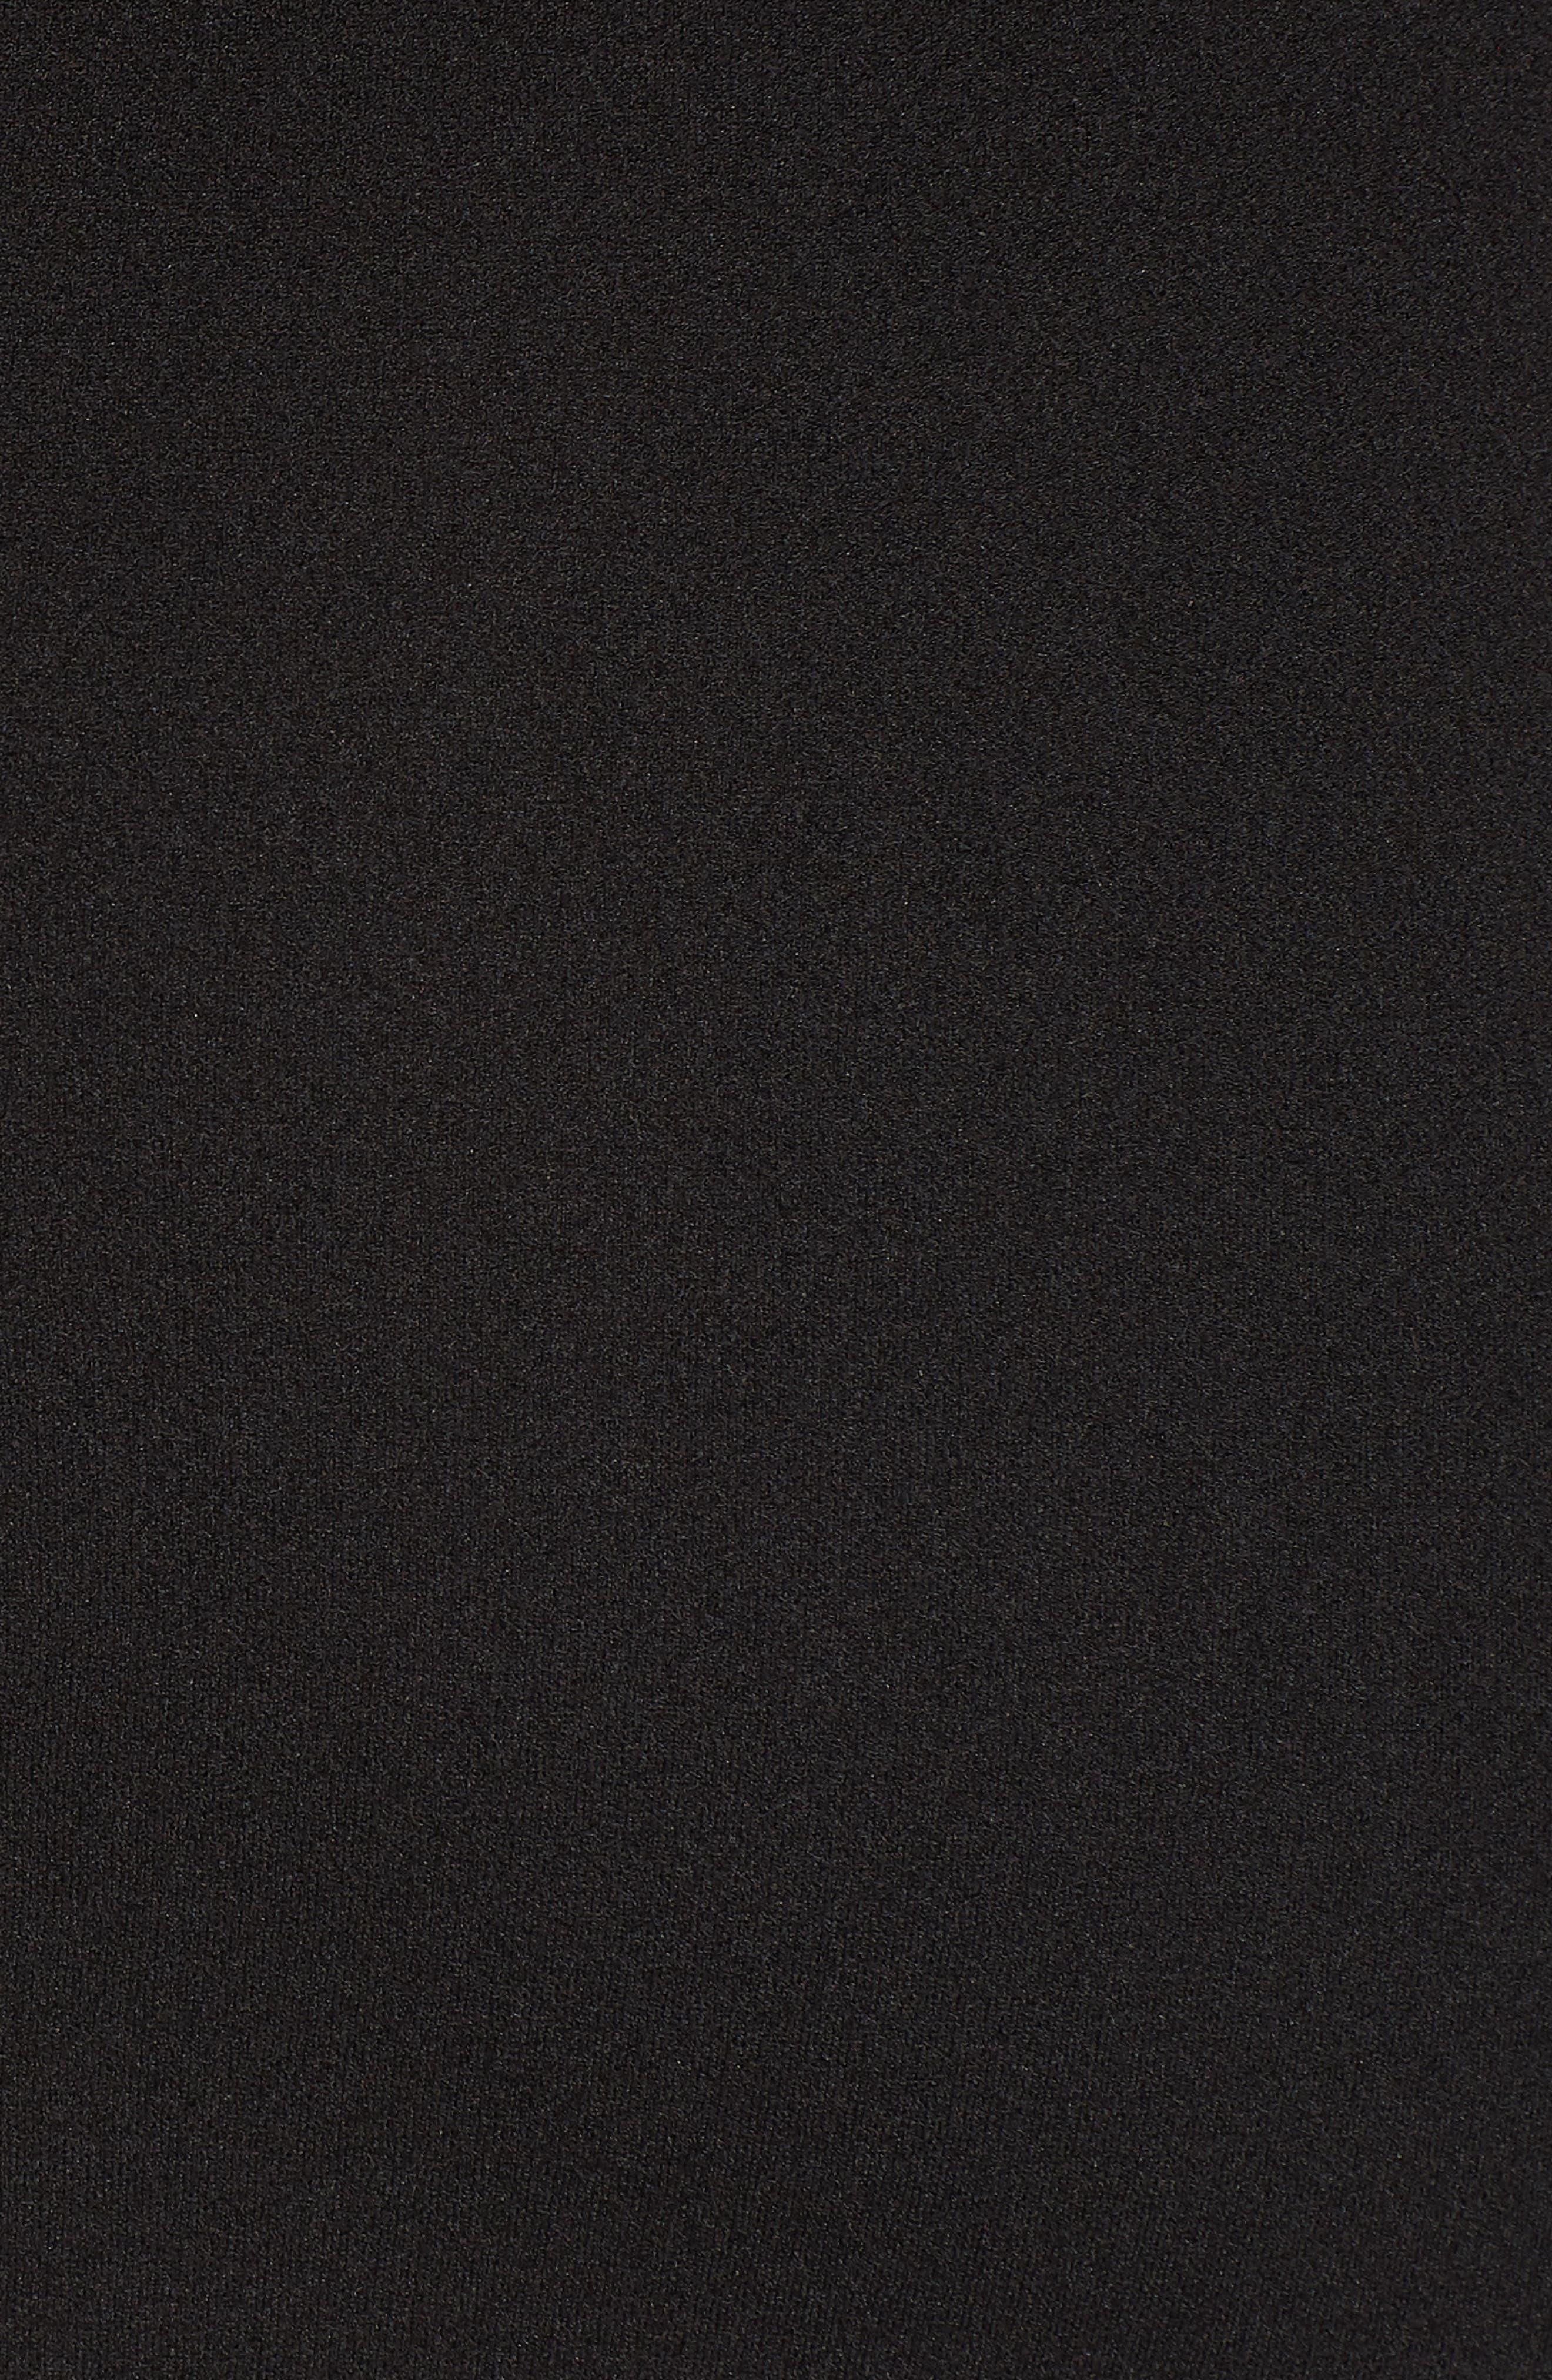 Tube Dress,                             Alternate thumbnail 6, color,                             Black